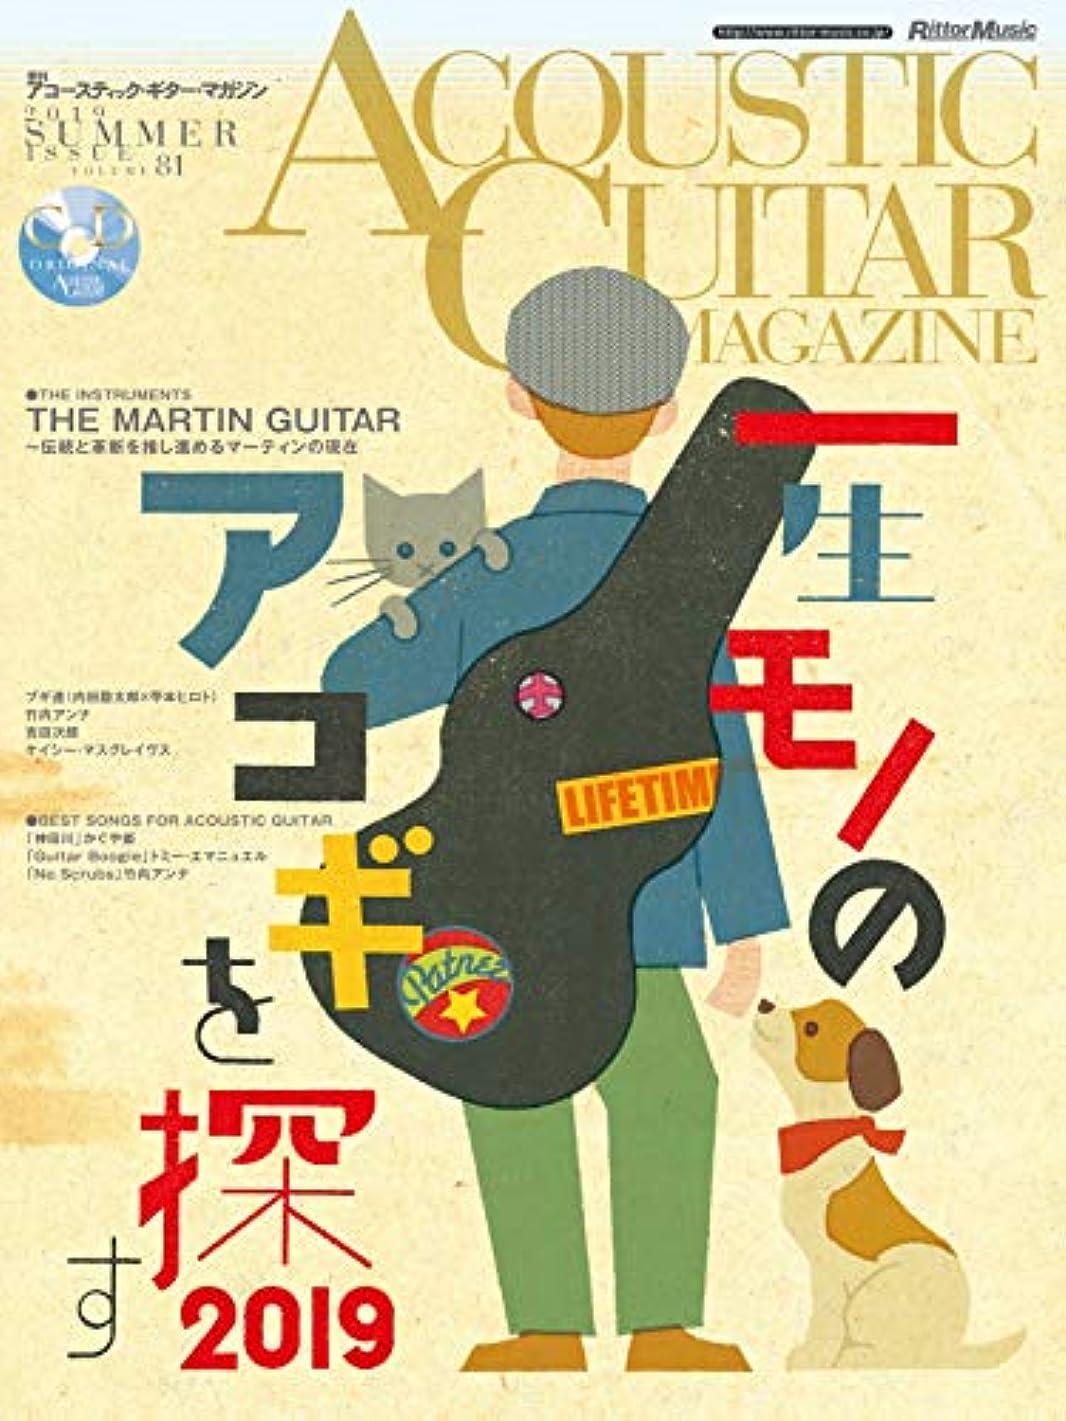 伴う確かめる叱るアコースティック?ギター?マガジン (ACOUSTIC GUITAR MAGAZINE) 2019 SUMMER ISSUE Vol.81 9月号 (CD付) [雑誌]